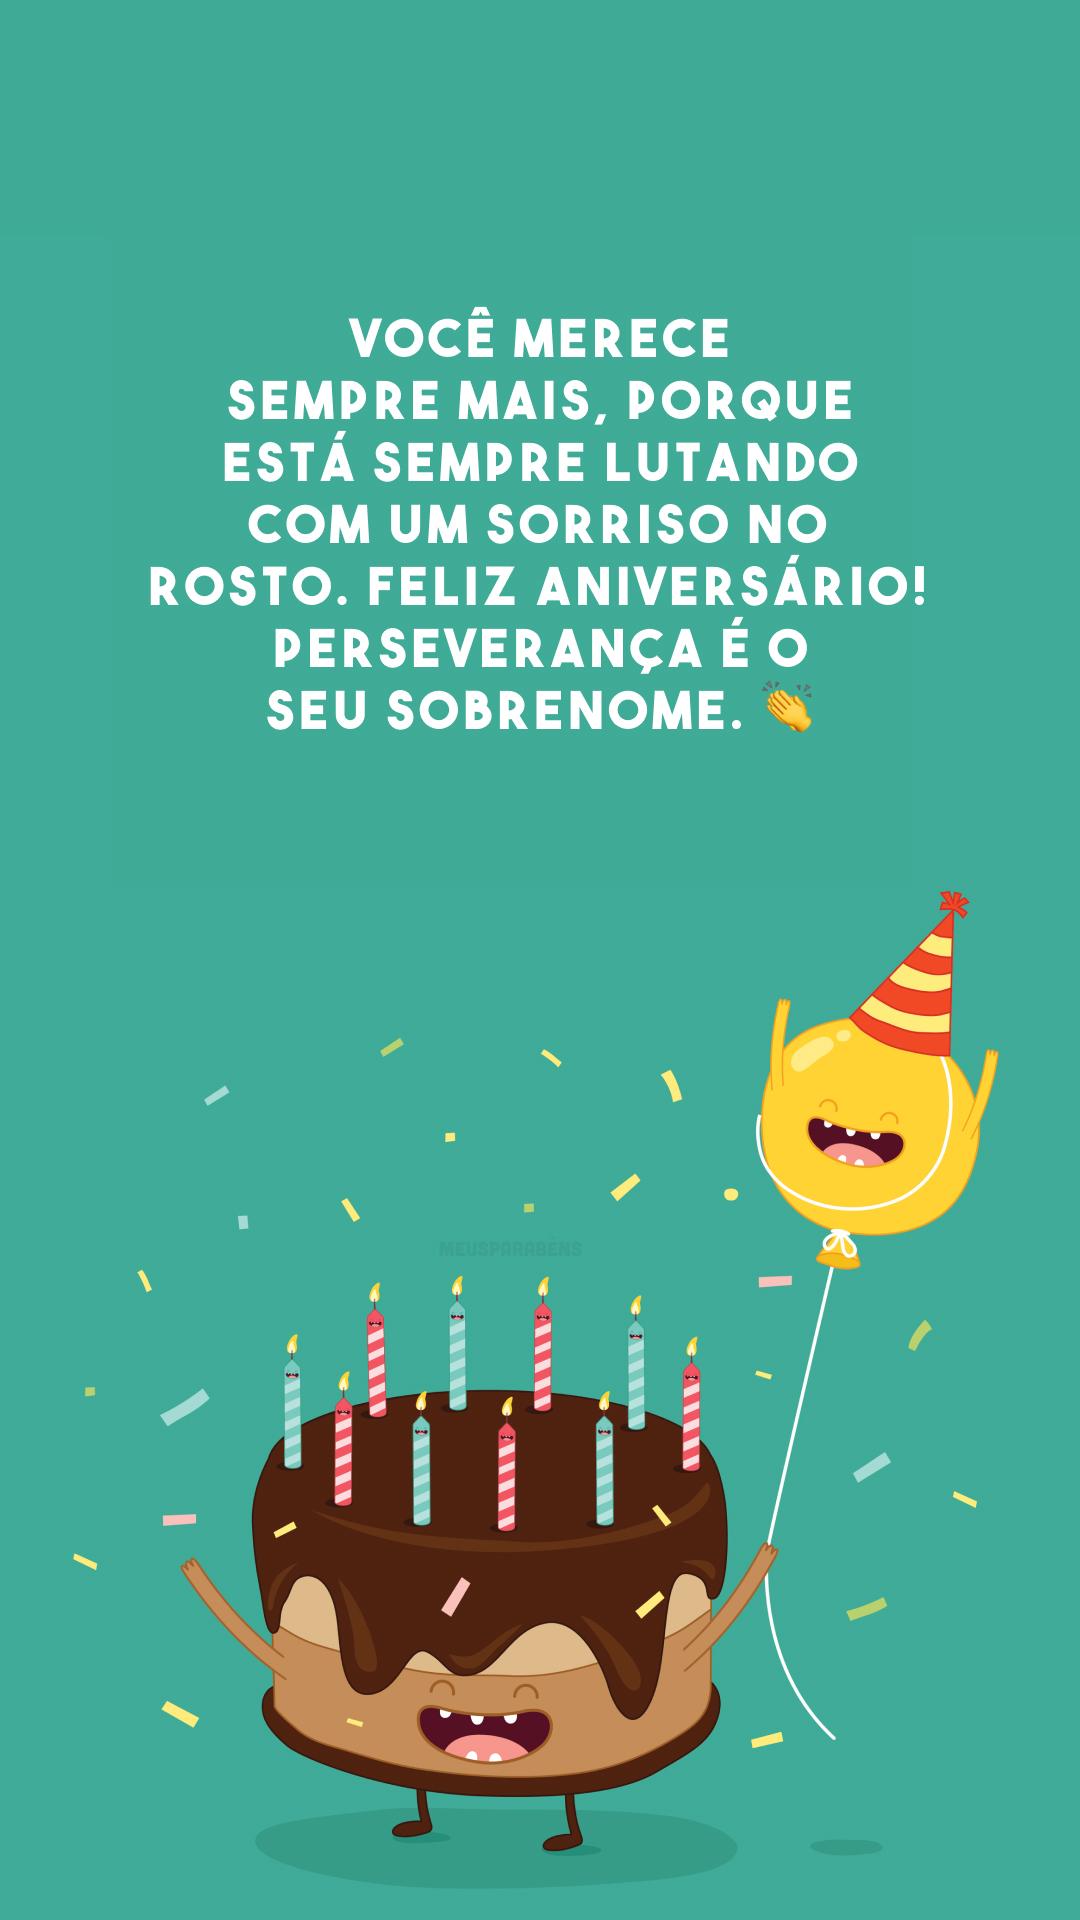 Você merece sempre mais, porque está sempre lutando com um sorriso no rosto. Feliz aniversário! Perseverança é o seu sobrenome. 👏